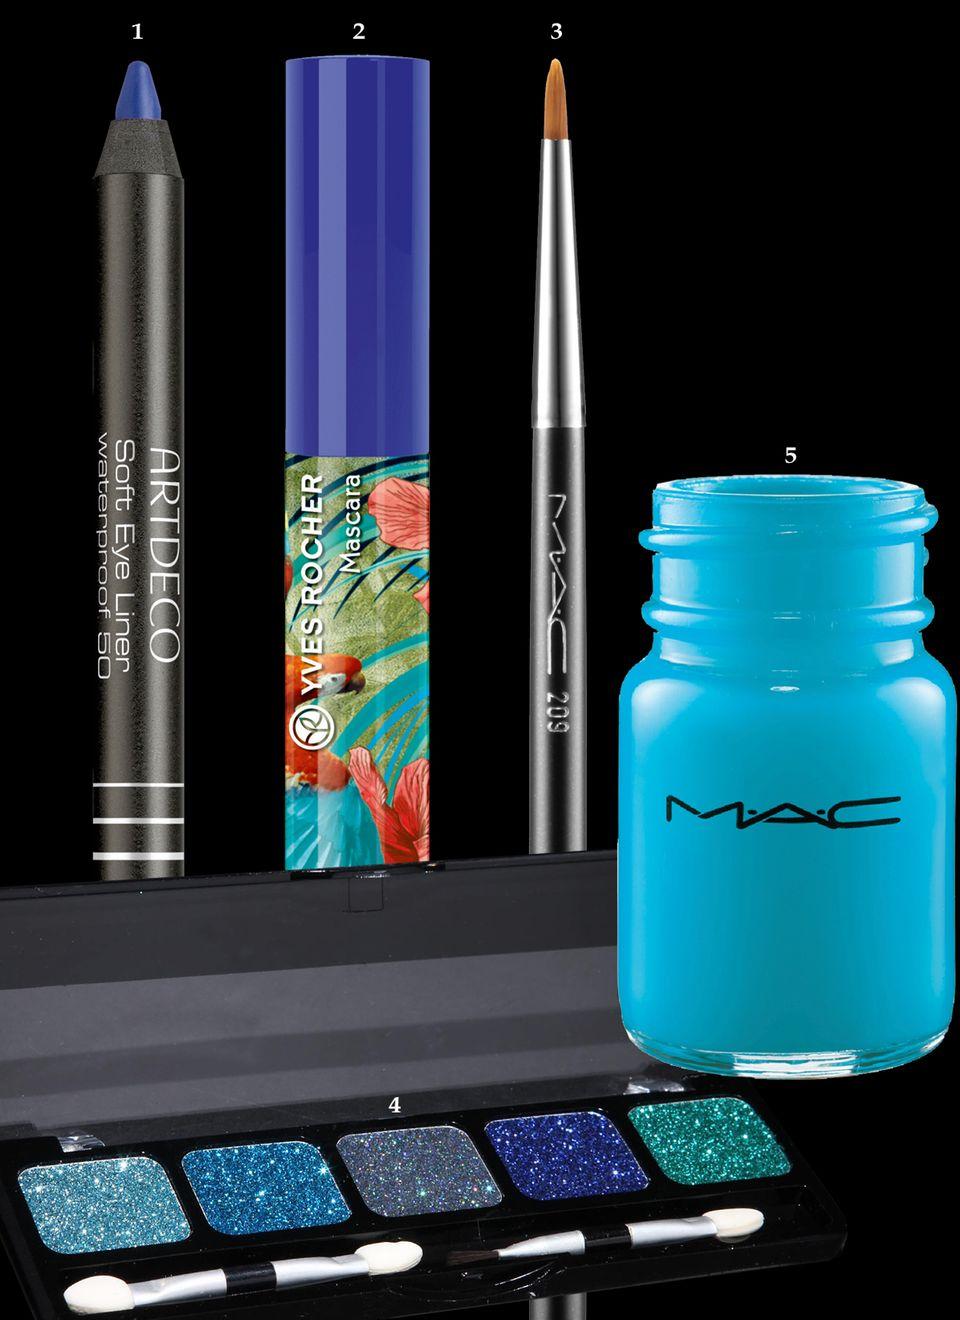 """1. Wasserfester Kajalstift """"Soft Eye Liner – Cobalt Blue"""" von Artdeco, ca. 7 Euro, limitiert; 2. Für lange Wimpern in Ozeanblau """"Mascara Retropical"""" von Yves Rocher, ca. 4 Euro, limitiert; 3. Pinsel zum Auftragen von Flüssig- und Creme-Produkten """"Eye Liner Brush 209"""" von Mac, ca. 21 Euro; 4. Glitzer-Lidschatten-Palette """"Ocean"""" von NYX, ca. 9 Euro, über www.urbanoutfitters.de; 5. Nass-Trocken-Pigmente für Augen, Wimpern, Lippen """"Hi-Def Cyan"""" von Mac, ca. 23 Euro"""